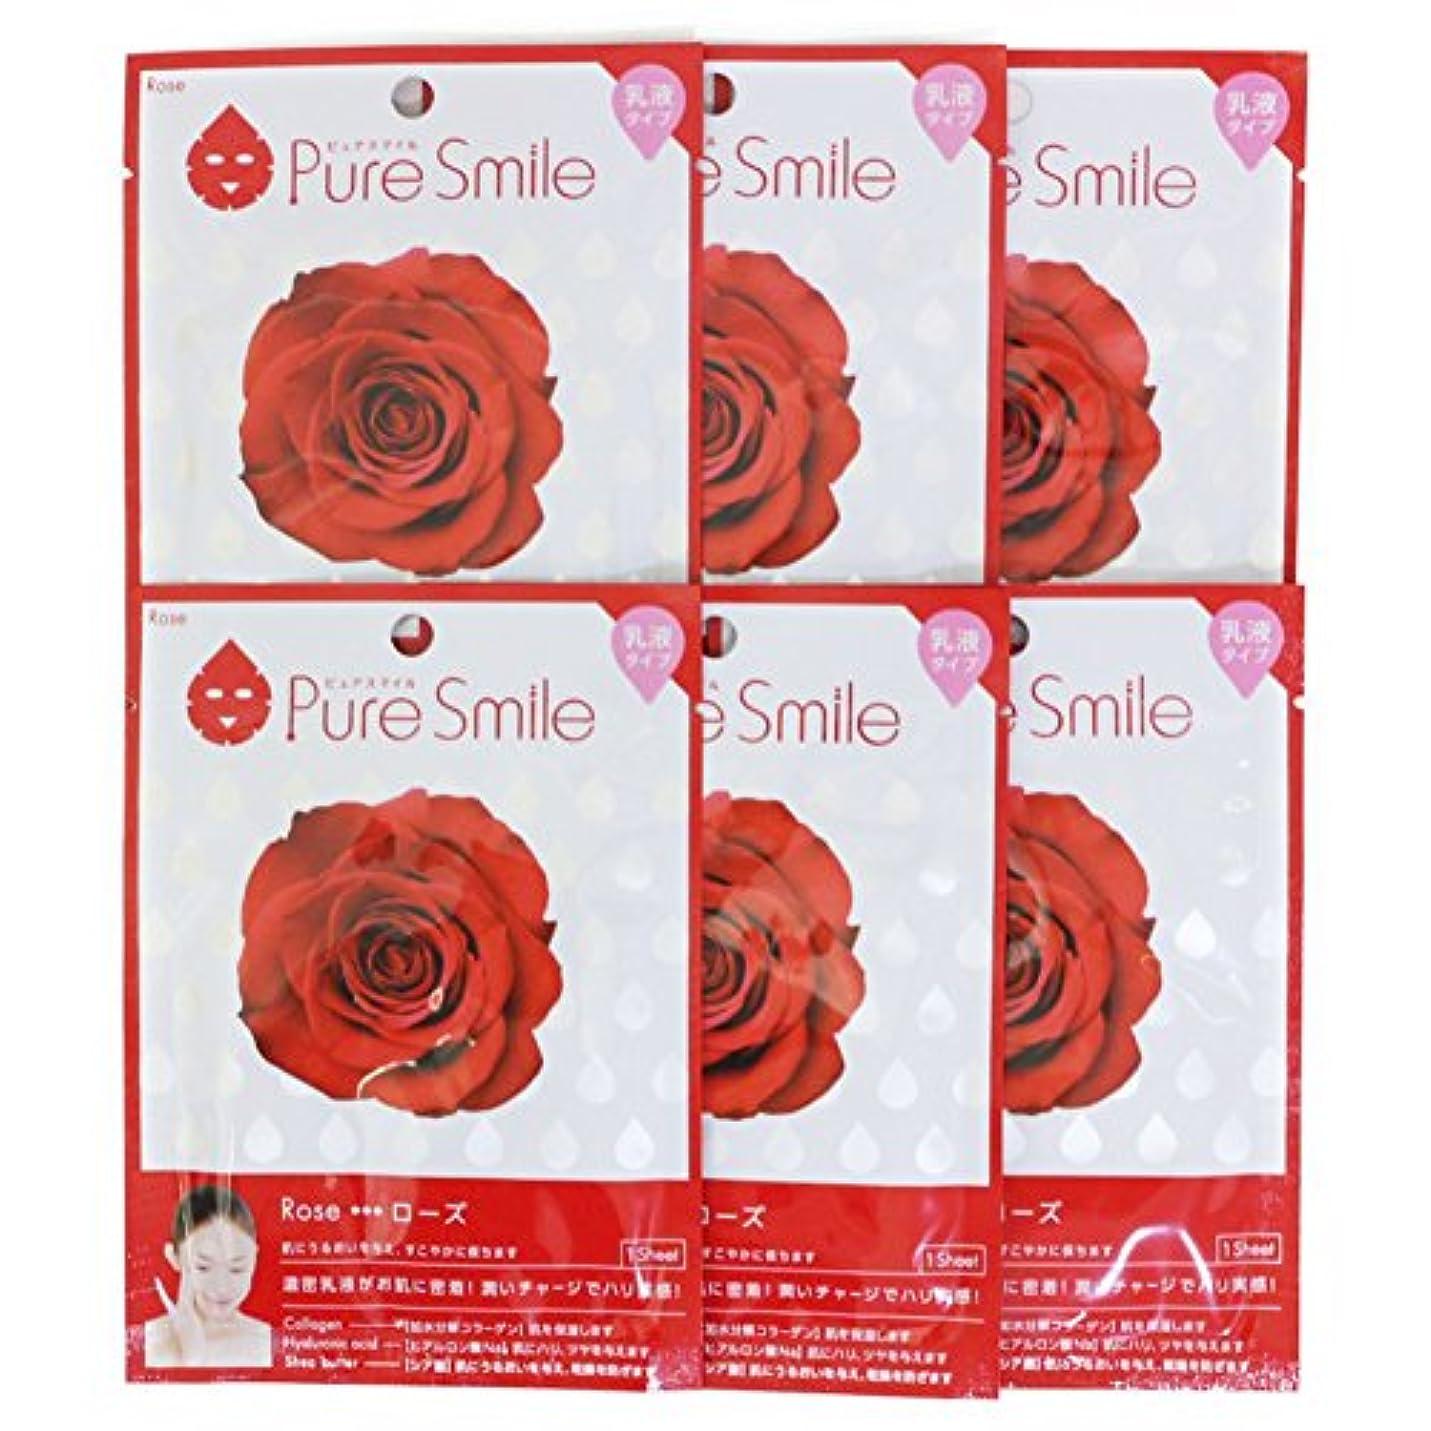 アクティブ不毛のに向けて出発Pure Smile ピュアスマイル 乳液エッセンスマスク ローズ 6枚セット